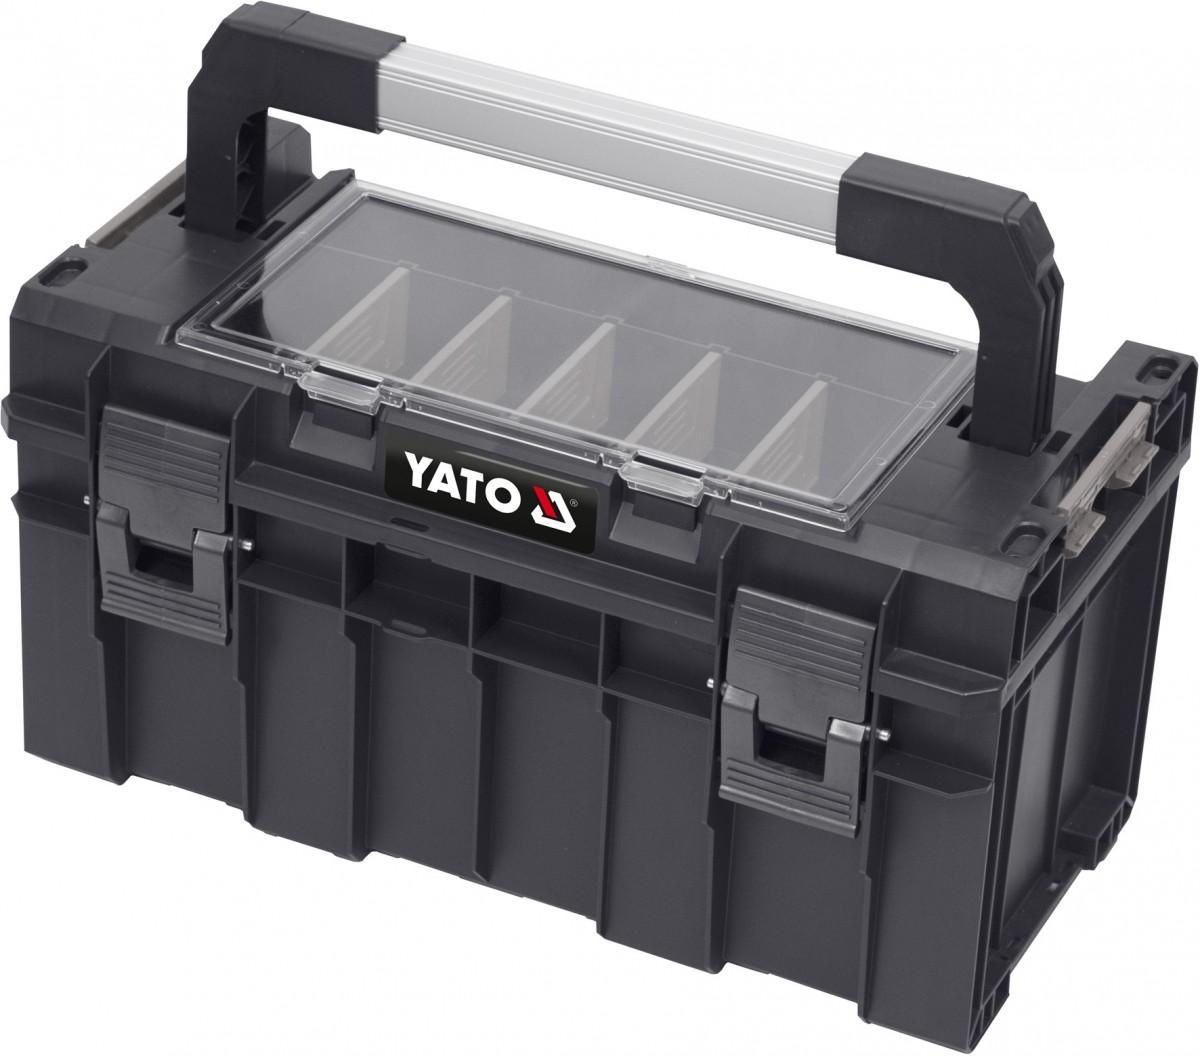 YATO Kufr na nářadí plastový box s organizérem 450x260x240mm YT-09183